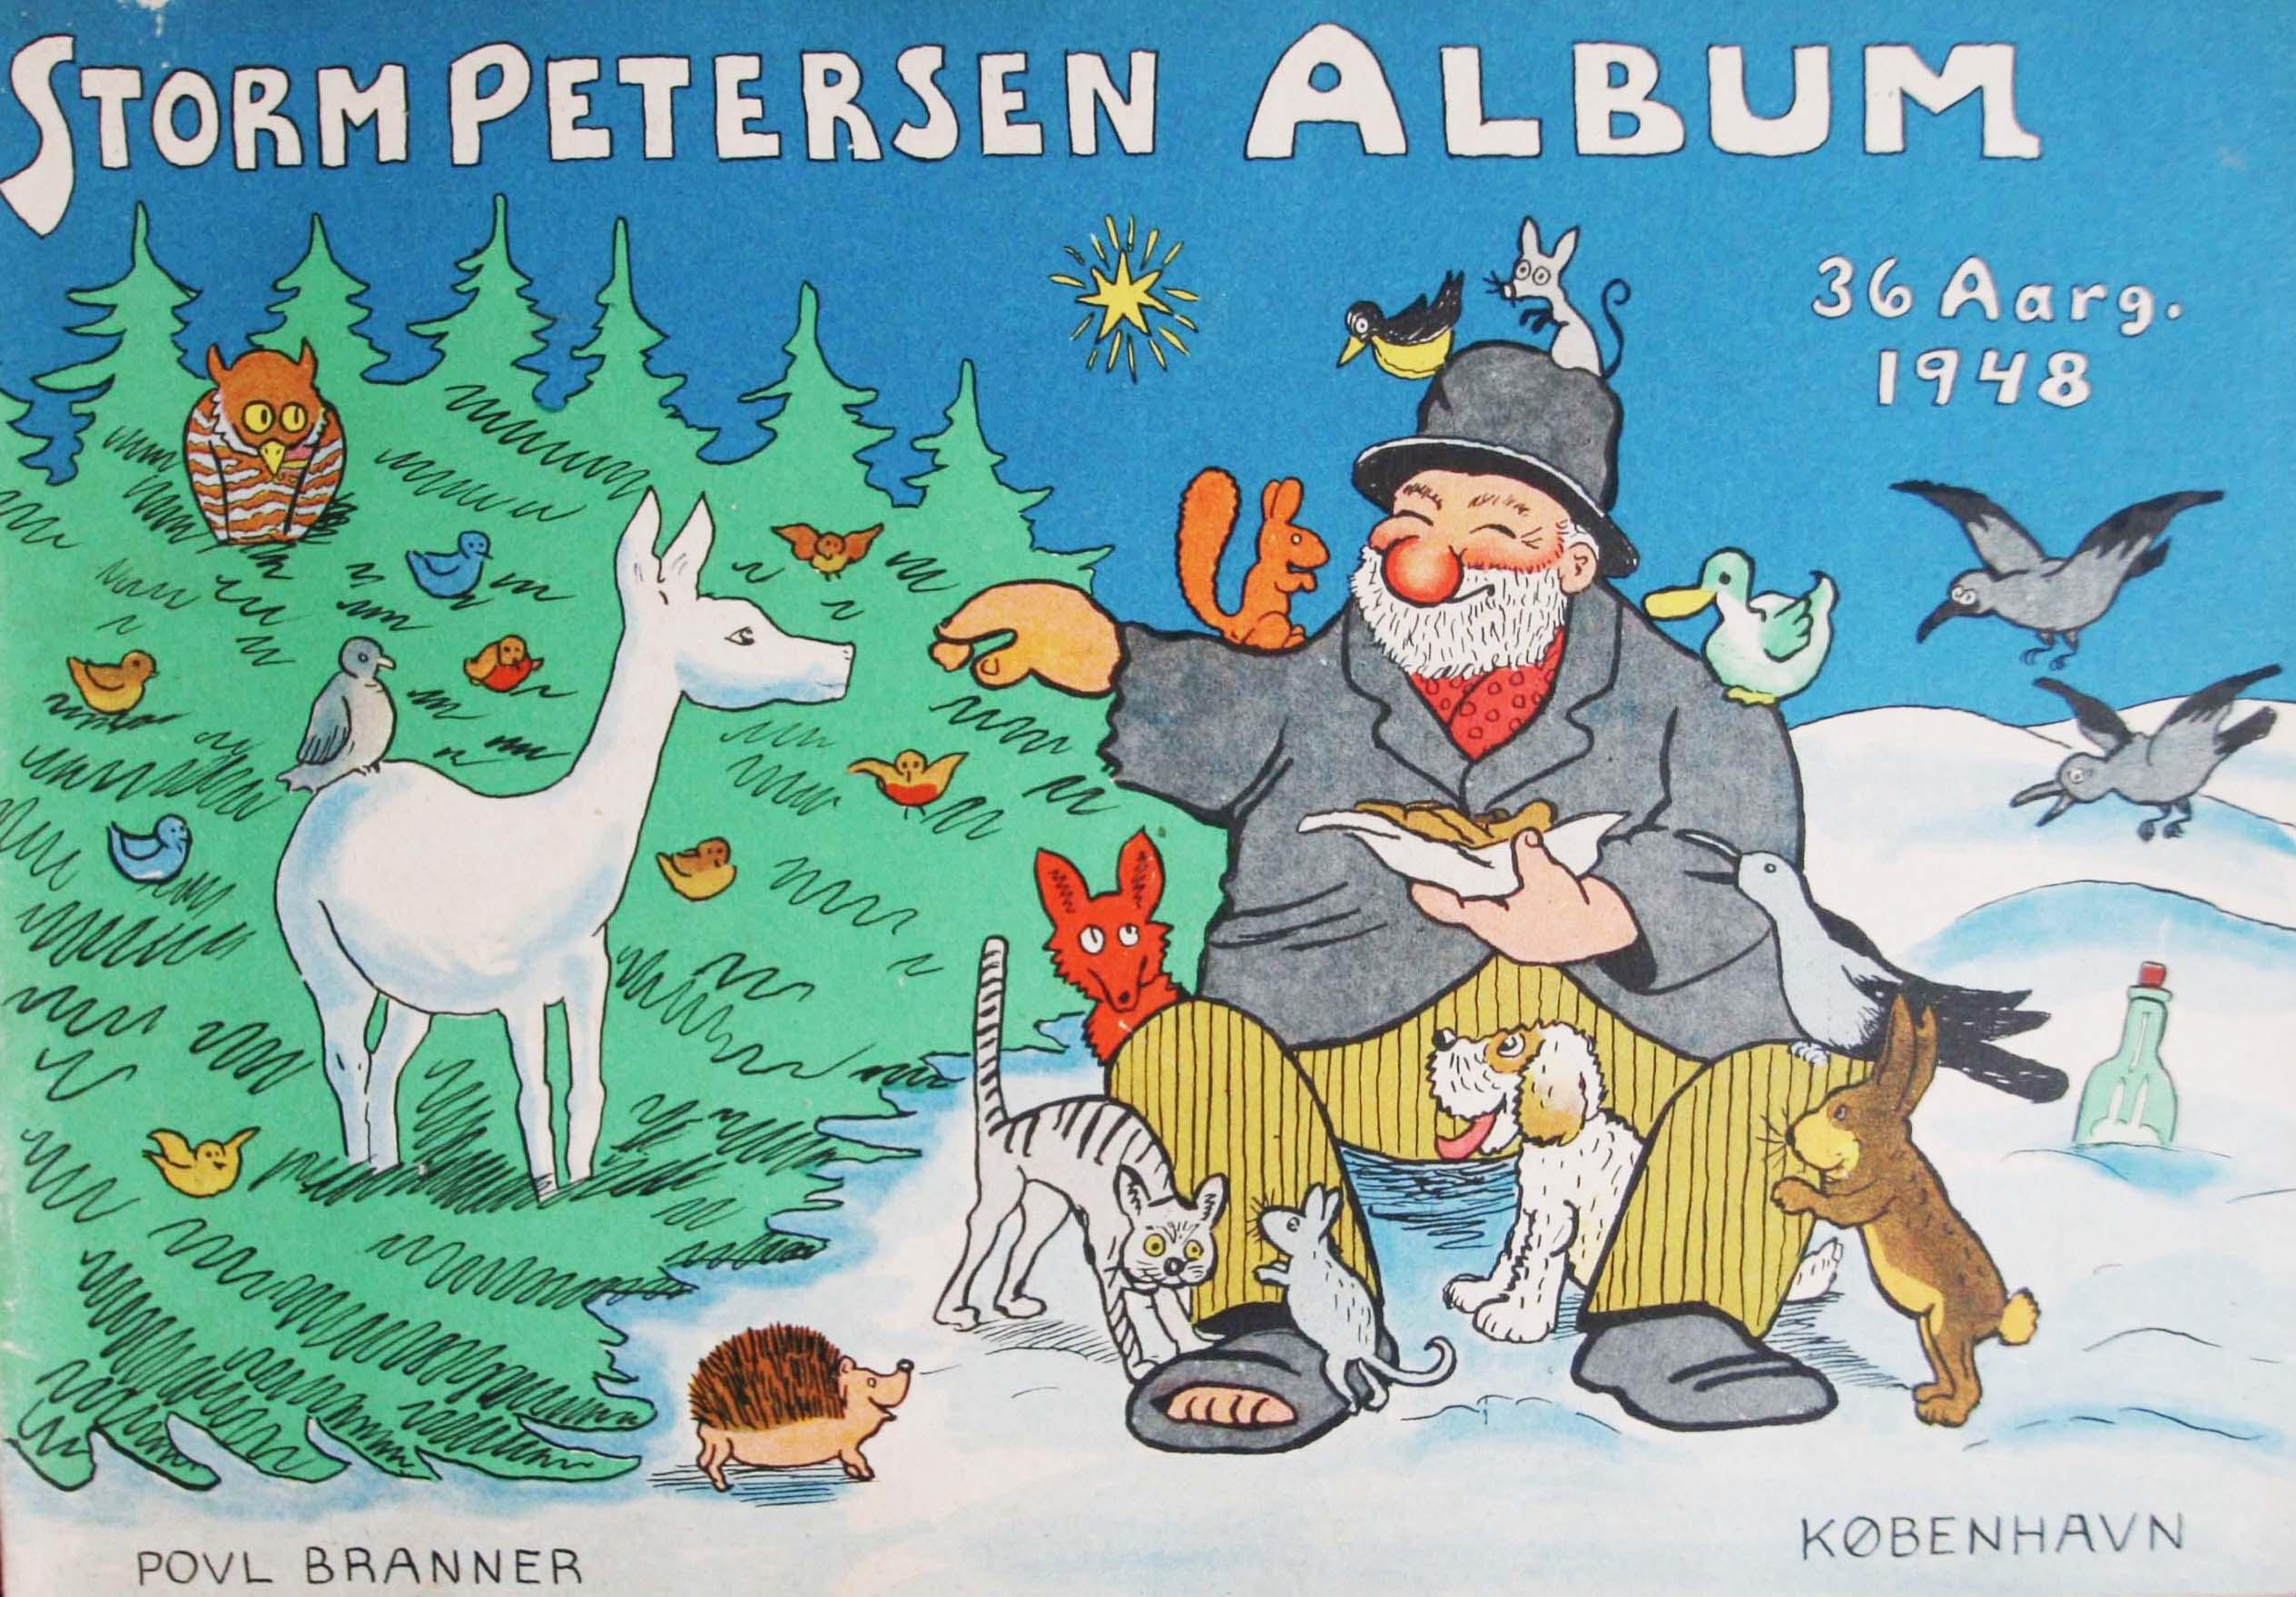 Robert Storm Petersen Storm P. Album 1948